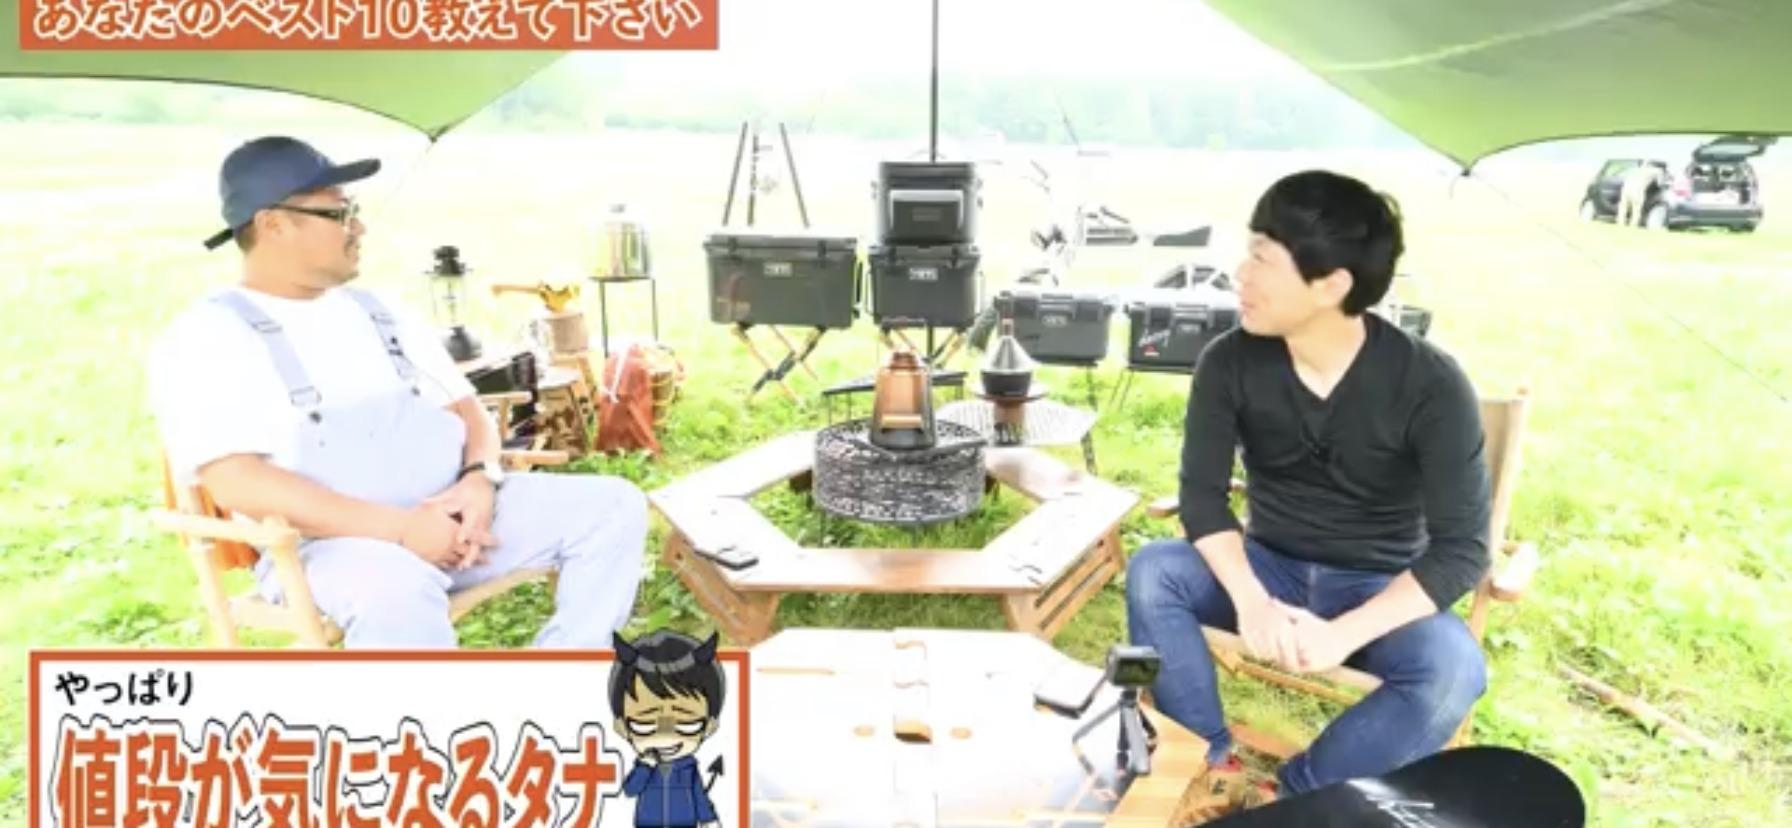 株式会社dazzy下井社長とインタビューをするタナ